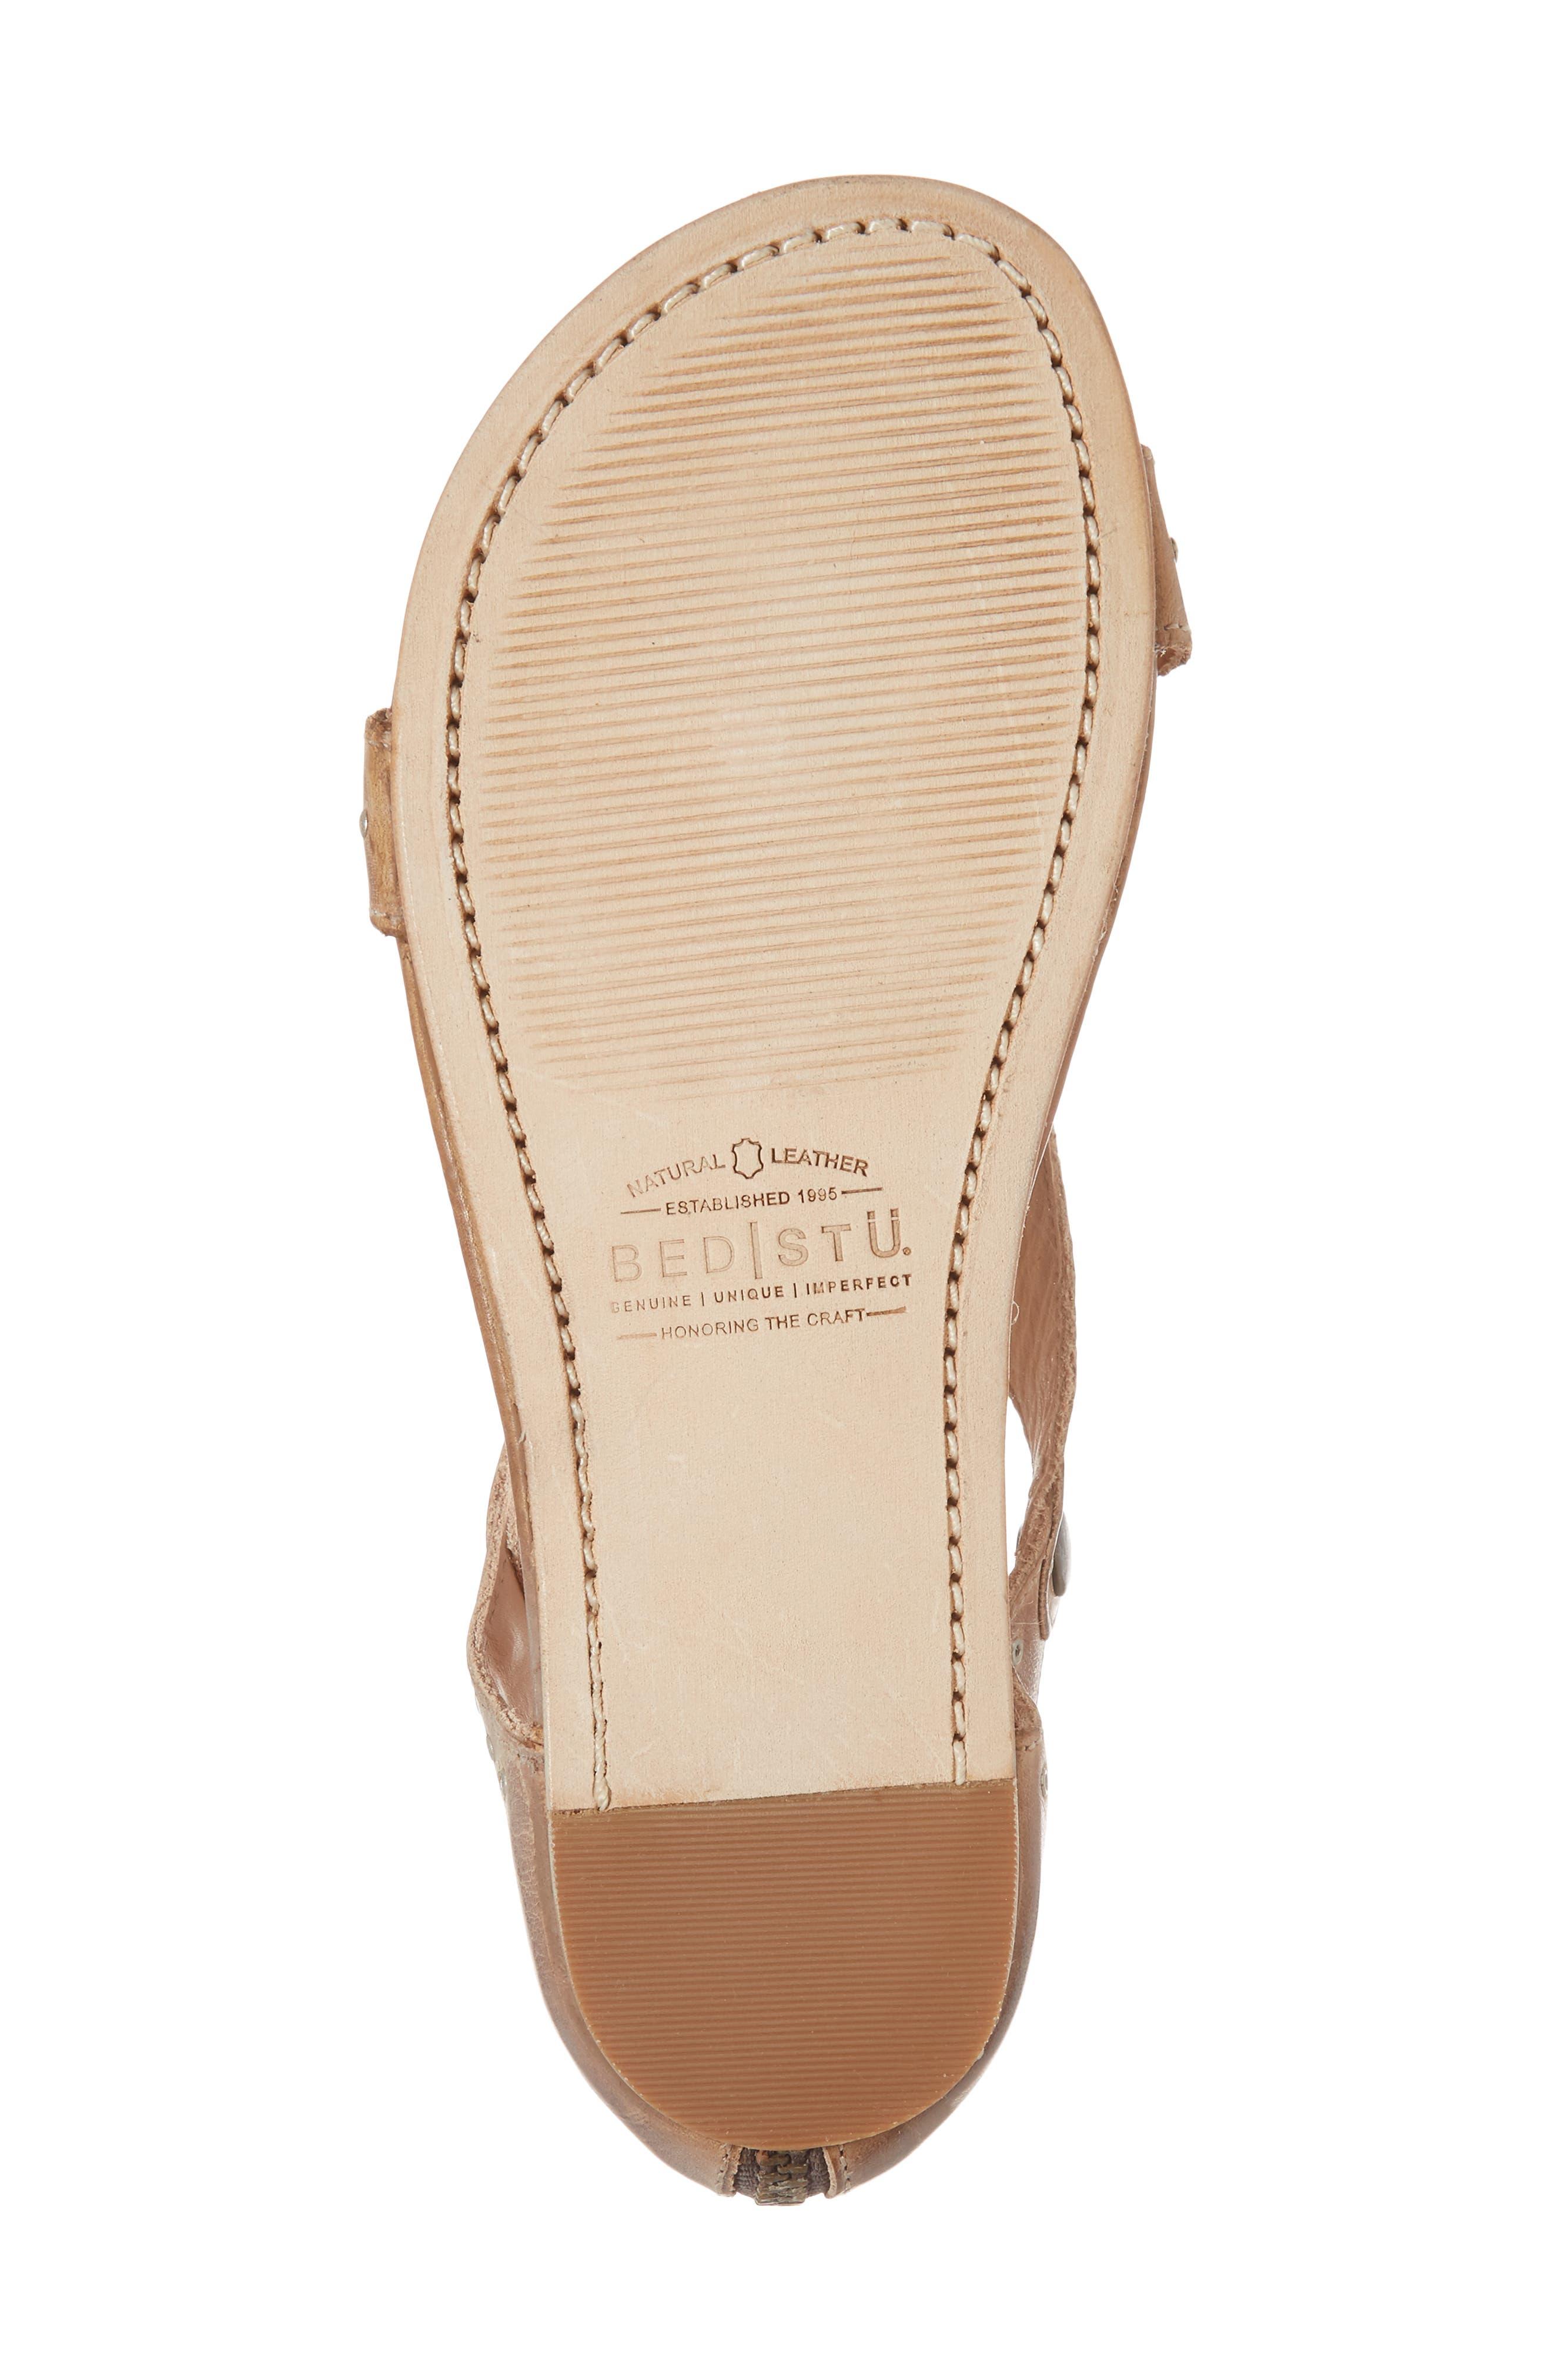 Soto G V-Strap Sandal,                             Alternate thumbnail 6, color,                             Tan Mason Leather